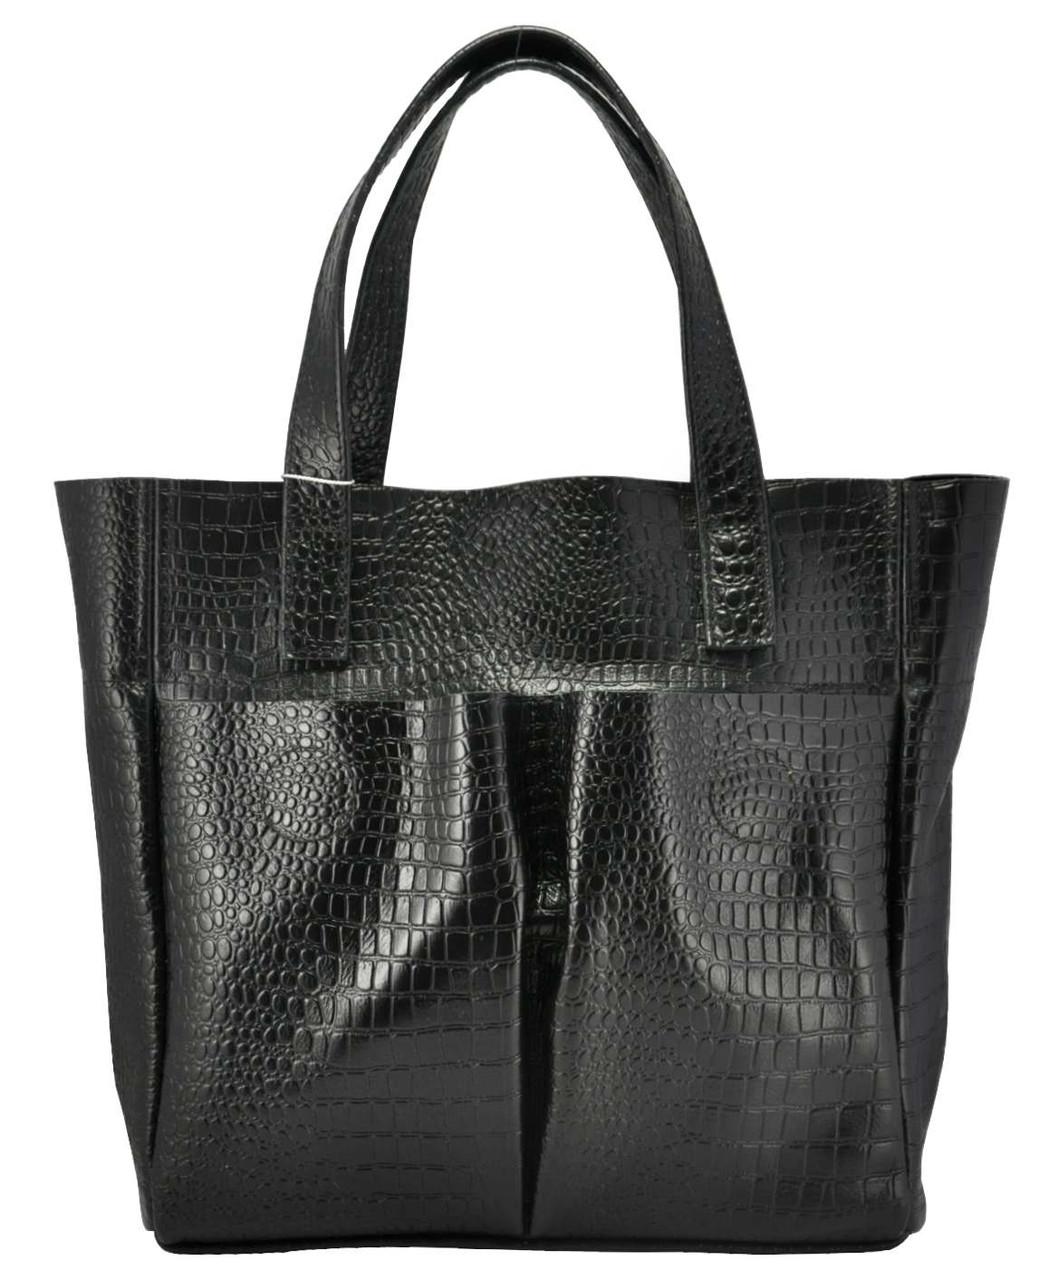 154e58373e77 Женская кожаная сумка с карманами Crocodile черная — купить в Киеве недорого